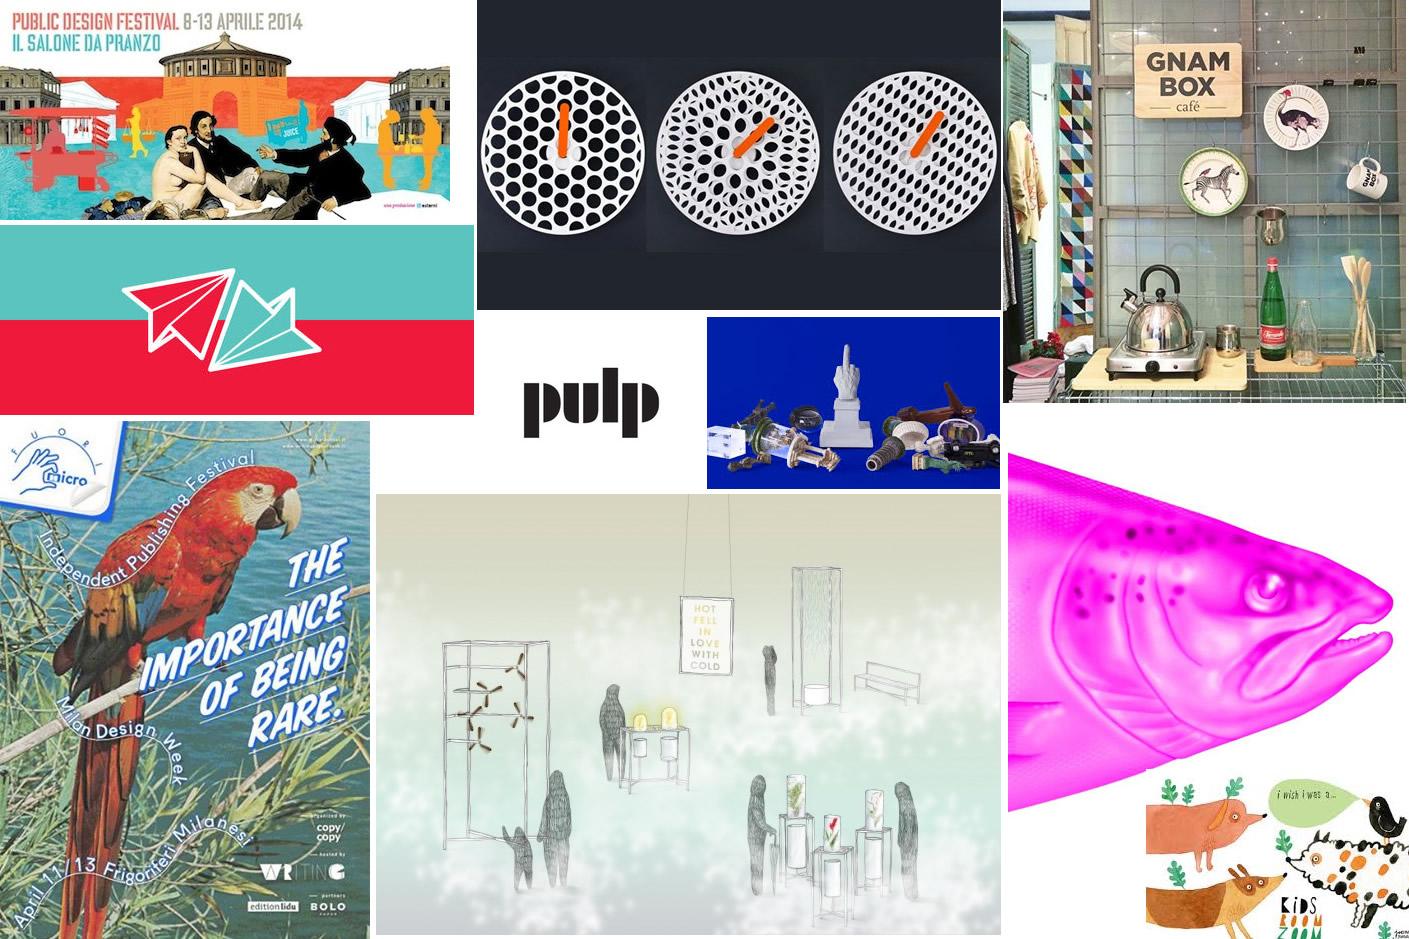 Mini guida galattica per aspiranti designer frizzifrizzi for Programmi per designer